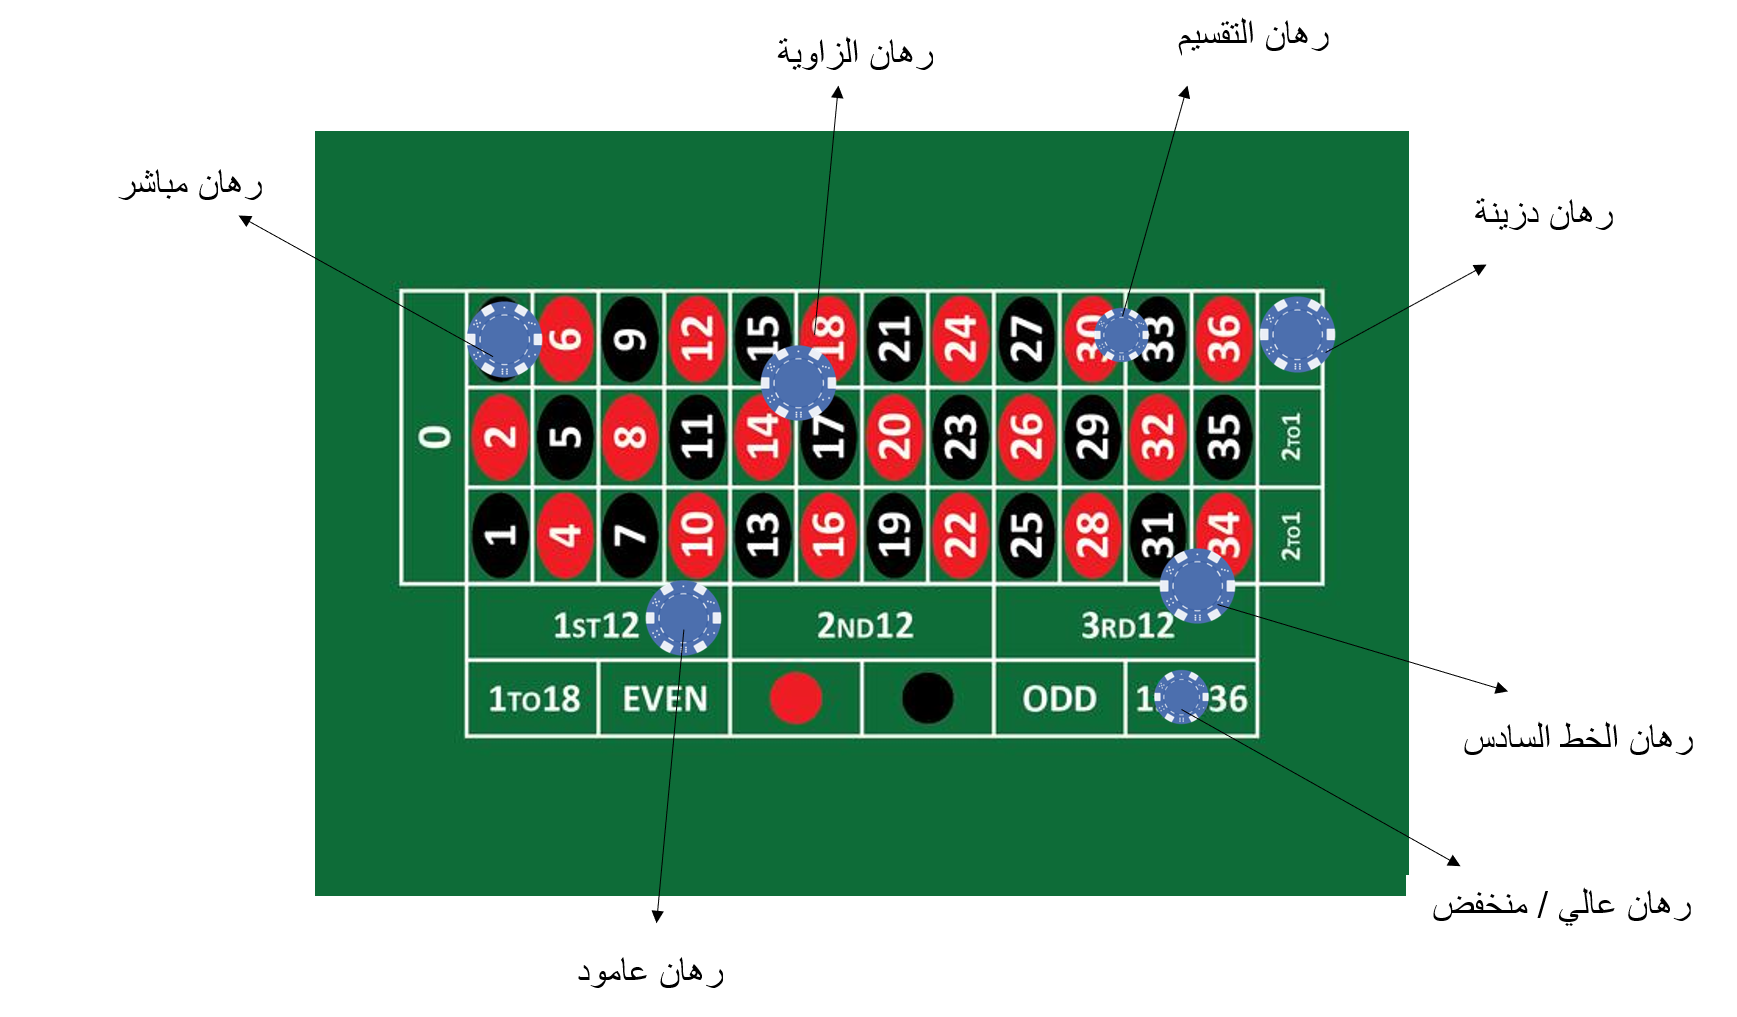 العب لعبة الروليت - 81225